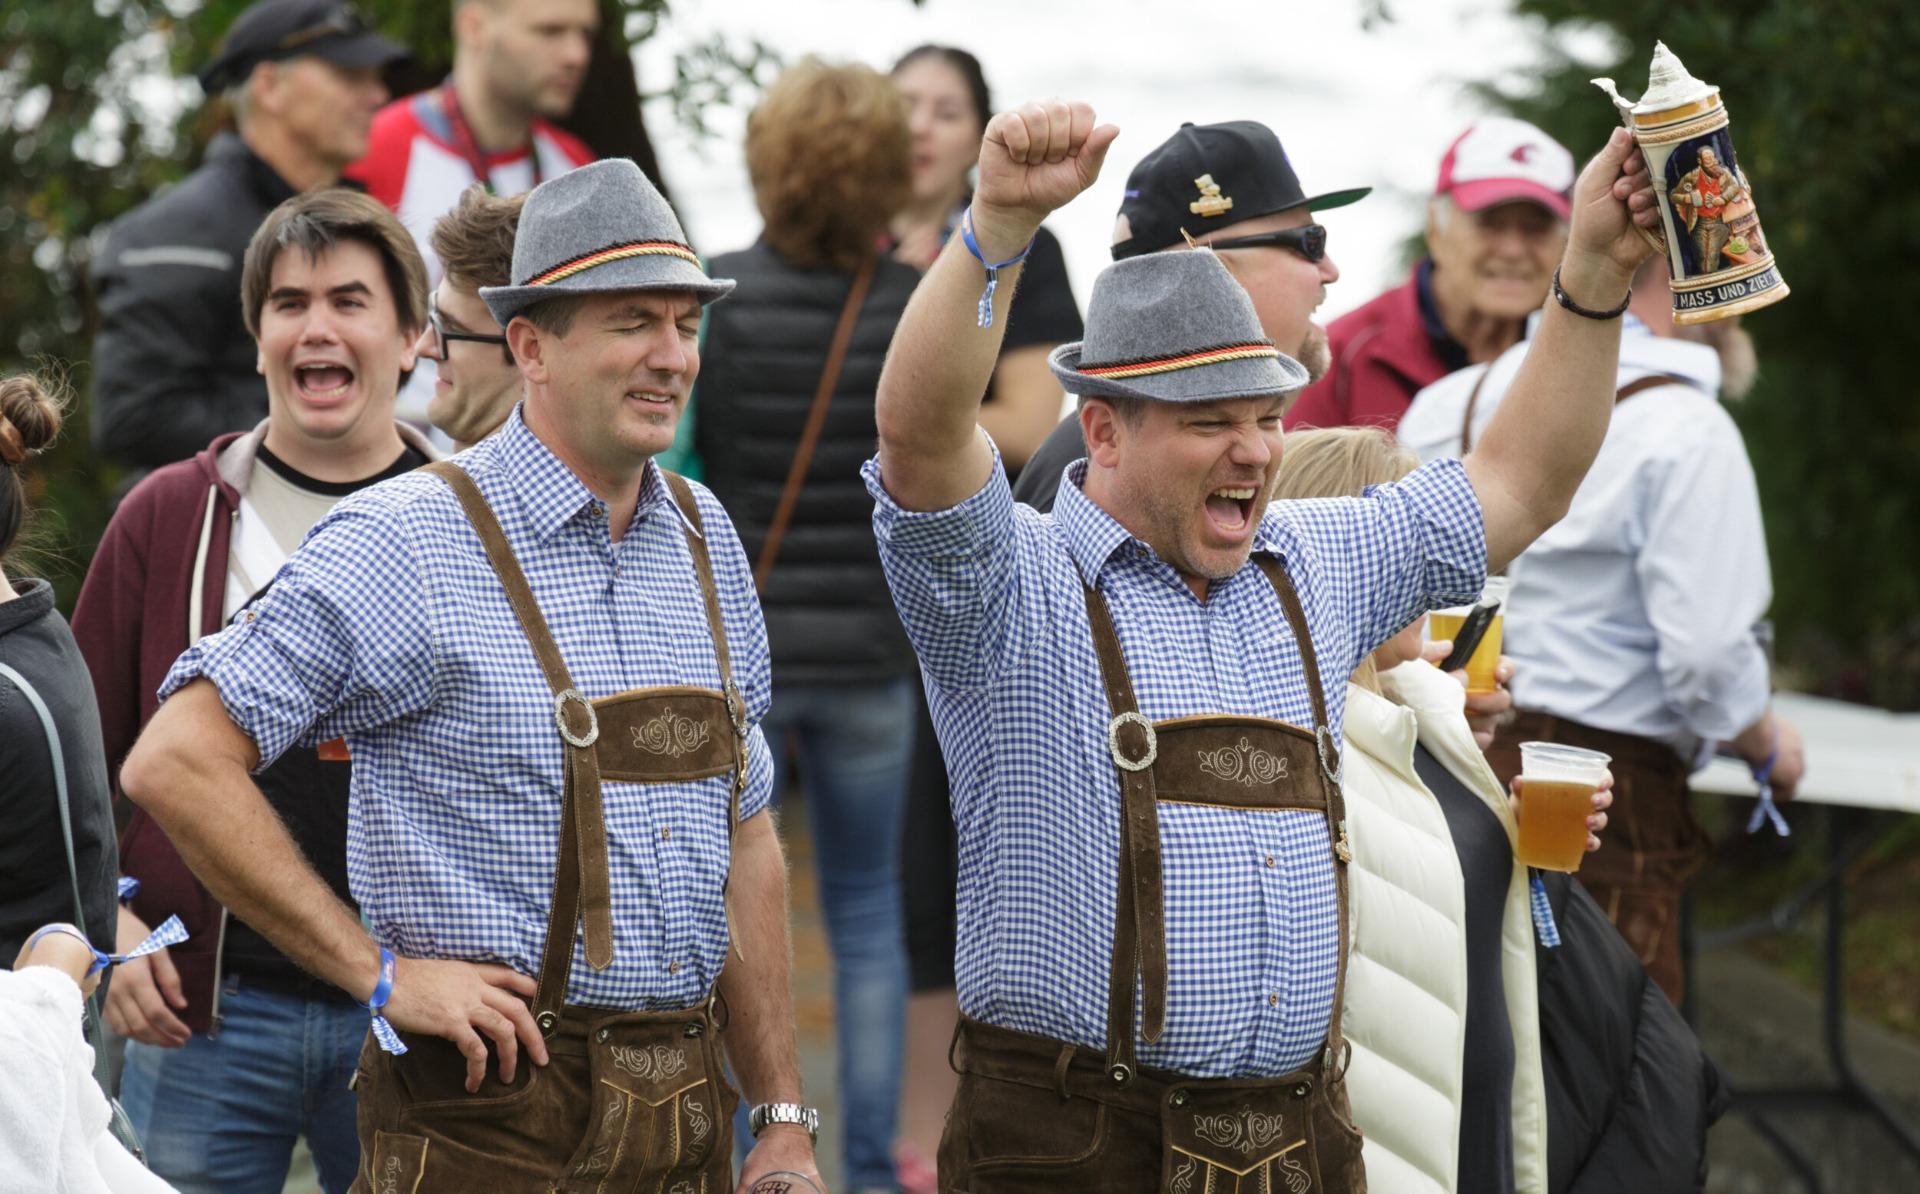 Tiroler outfit mannen